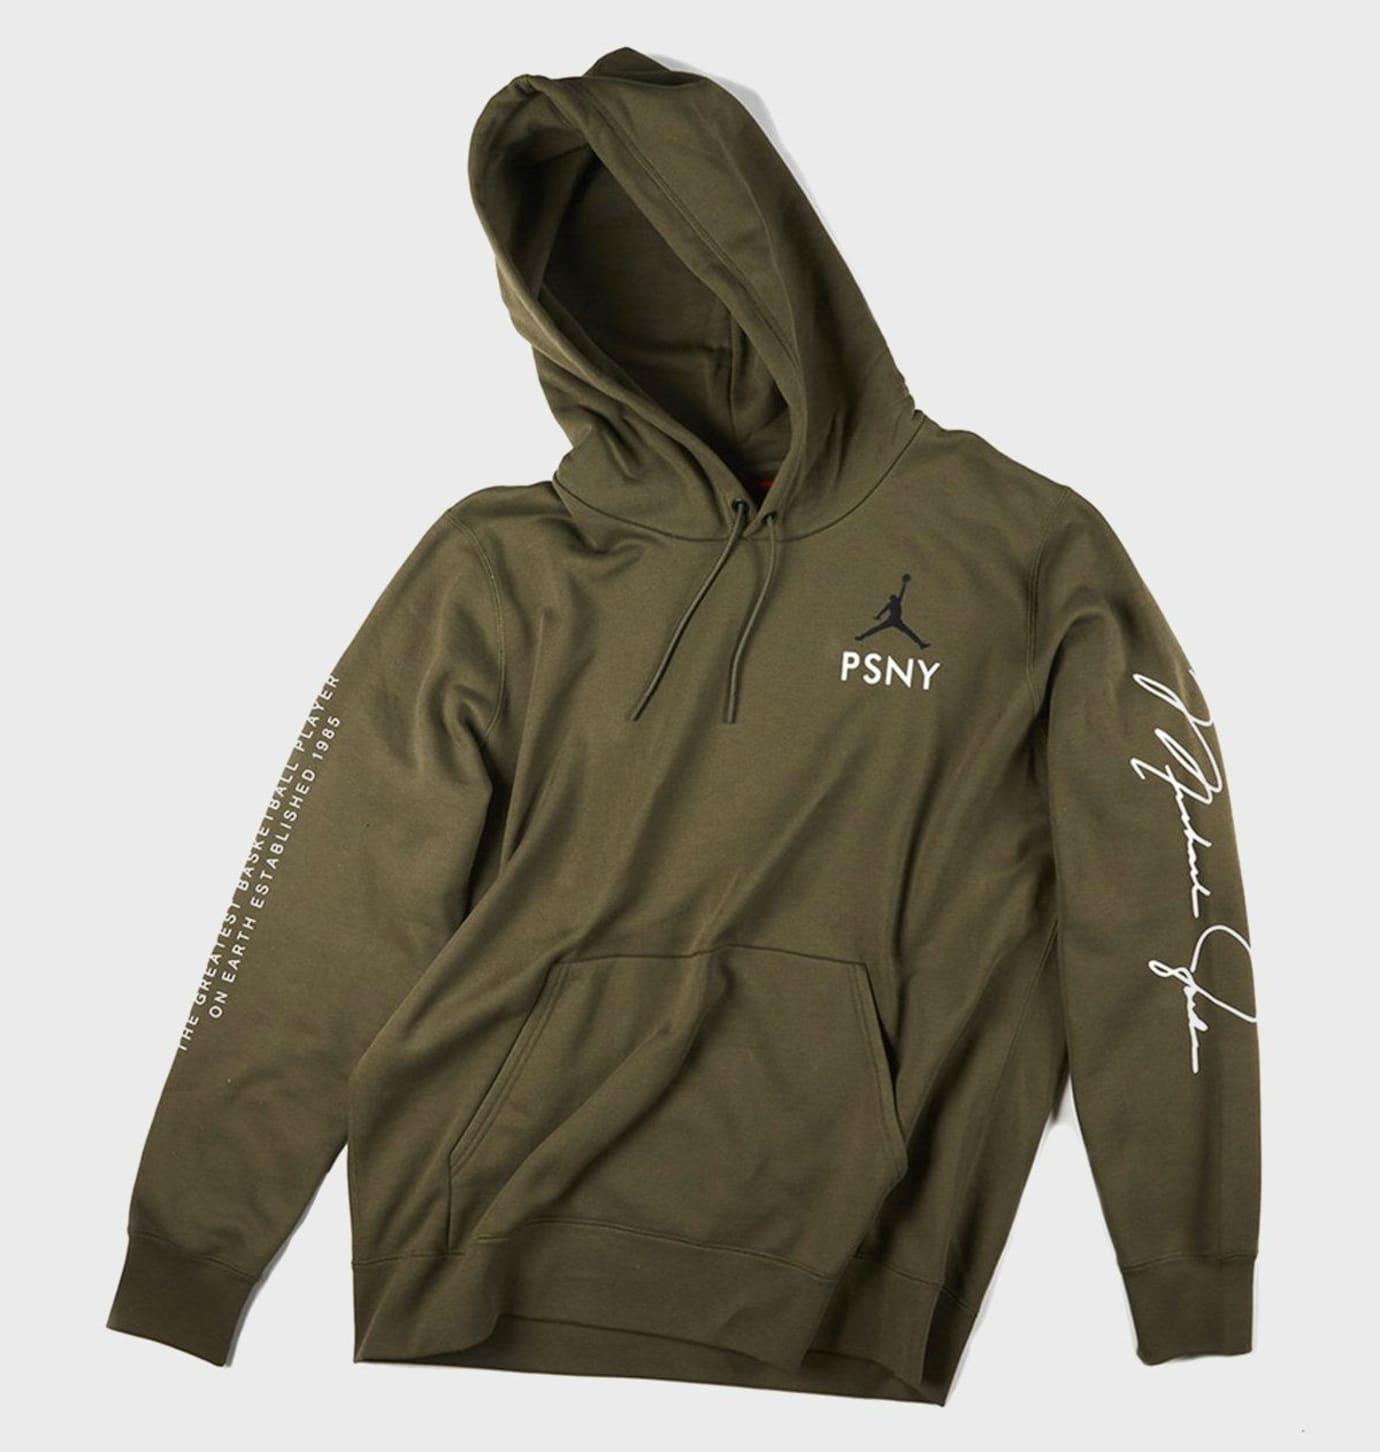 PSNY x Air Jordan 15 Olive Hoodie Release Date